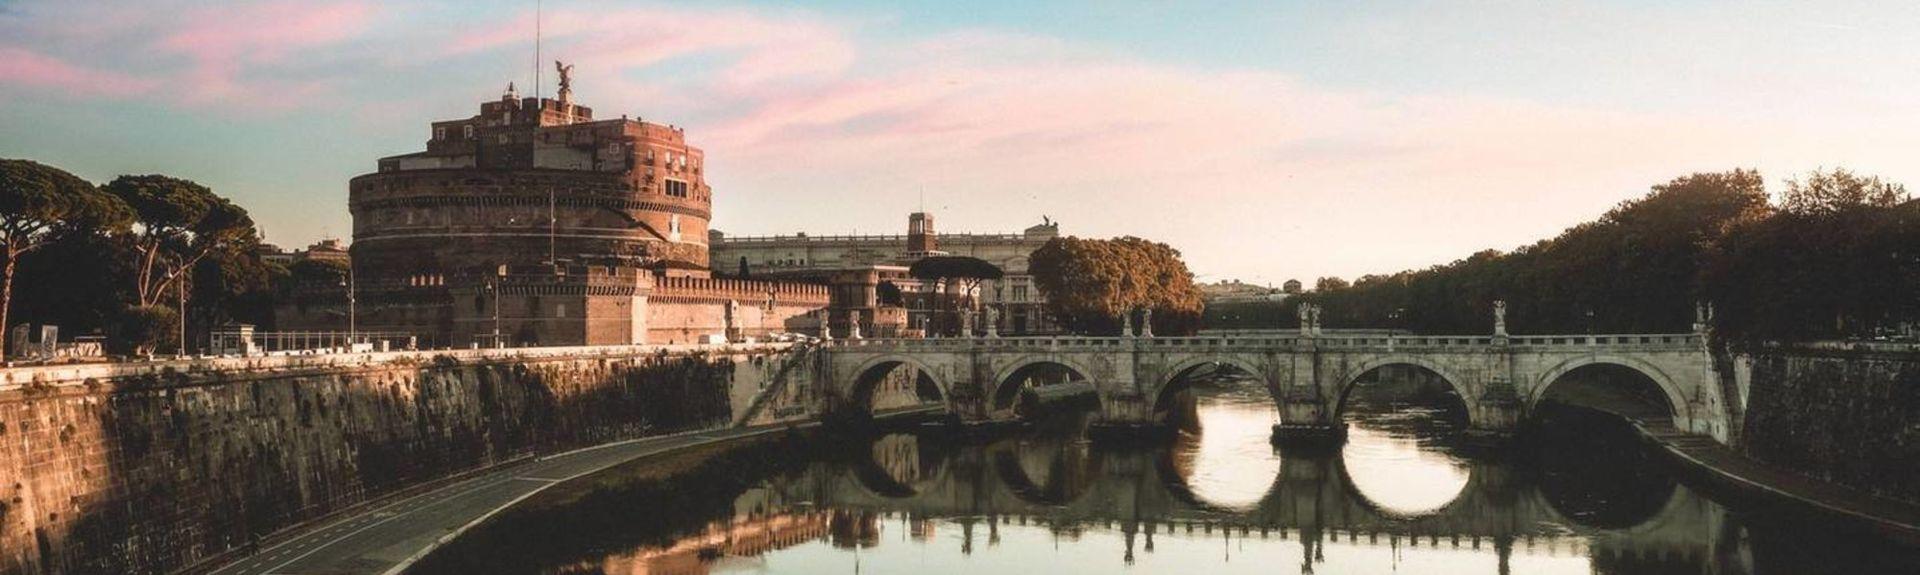 Foro Itálico, Roma, Lacio, Italia